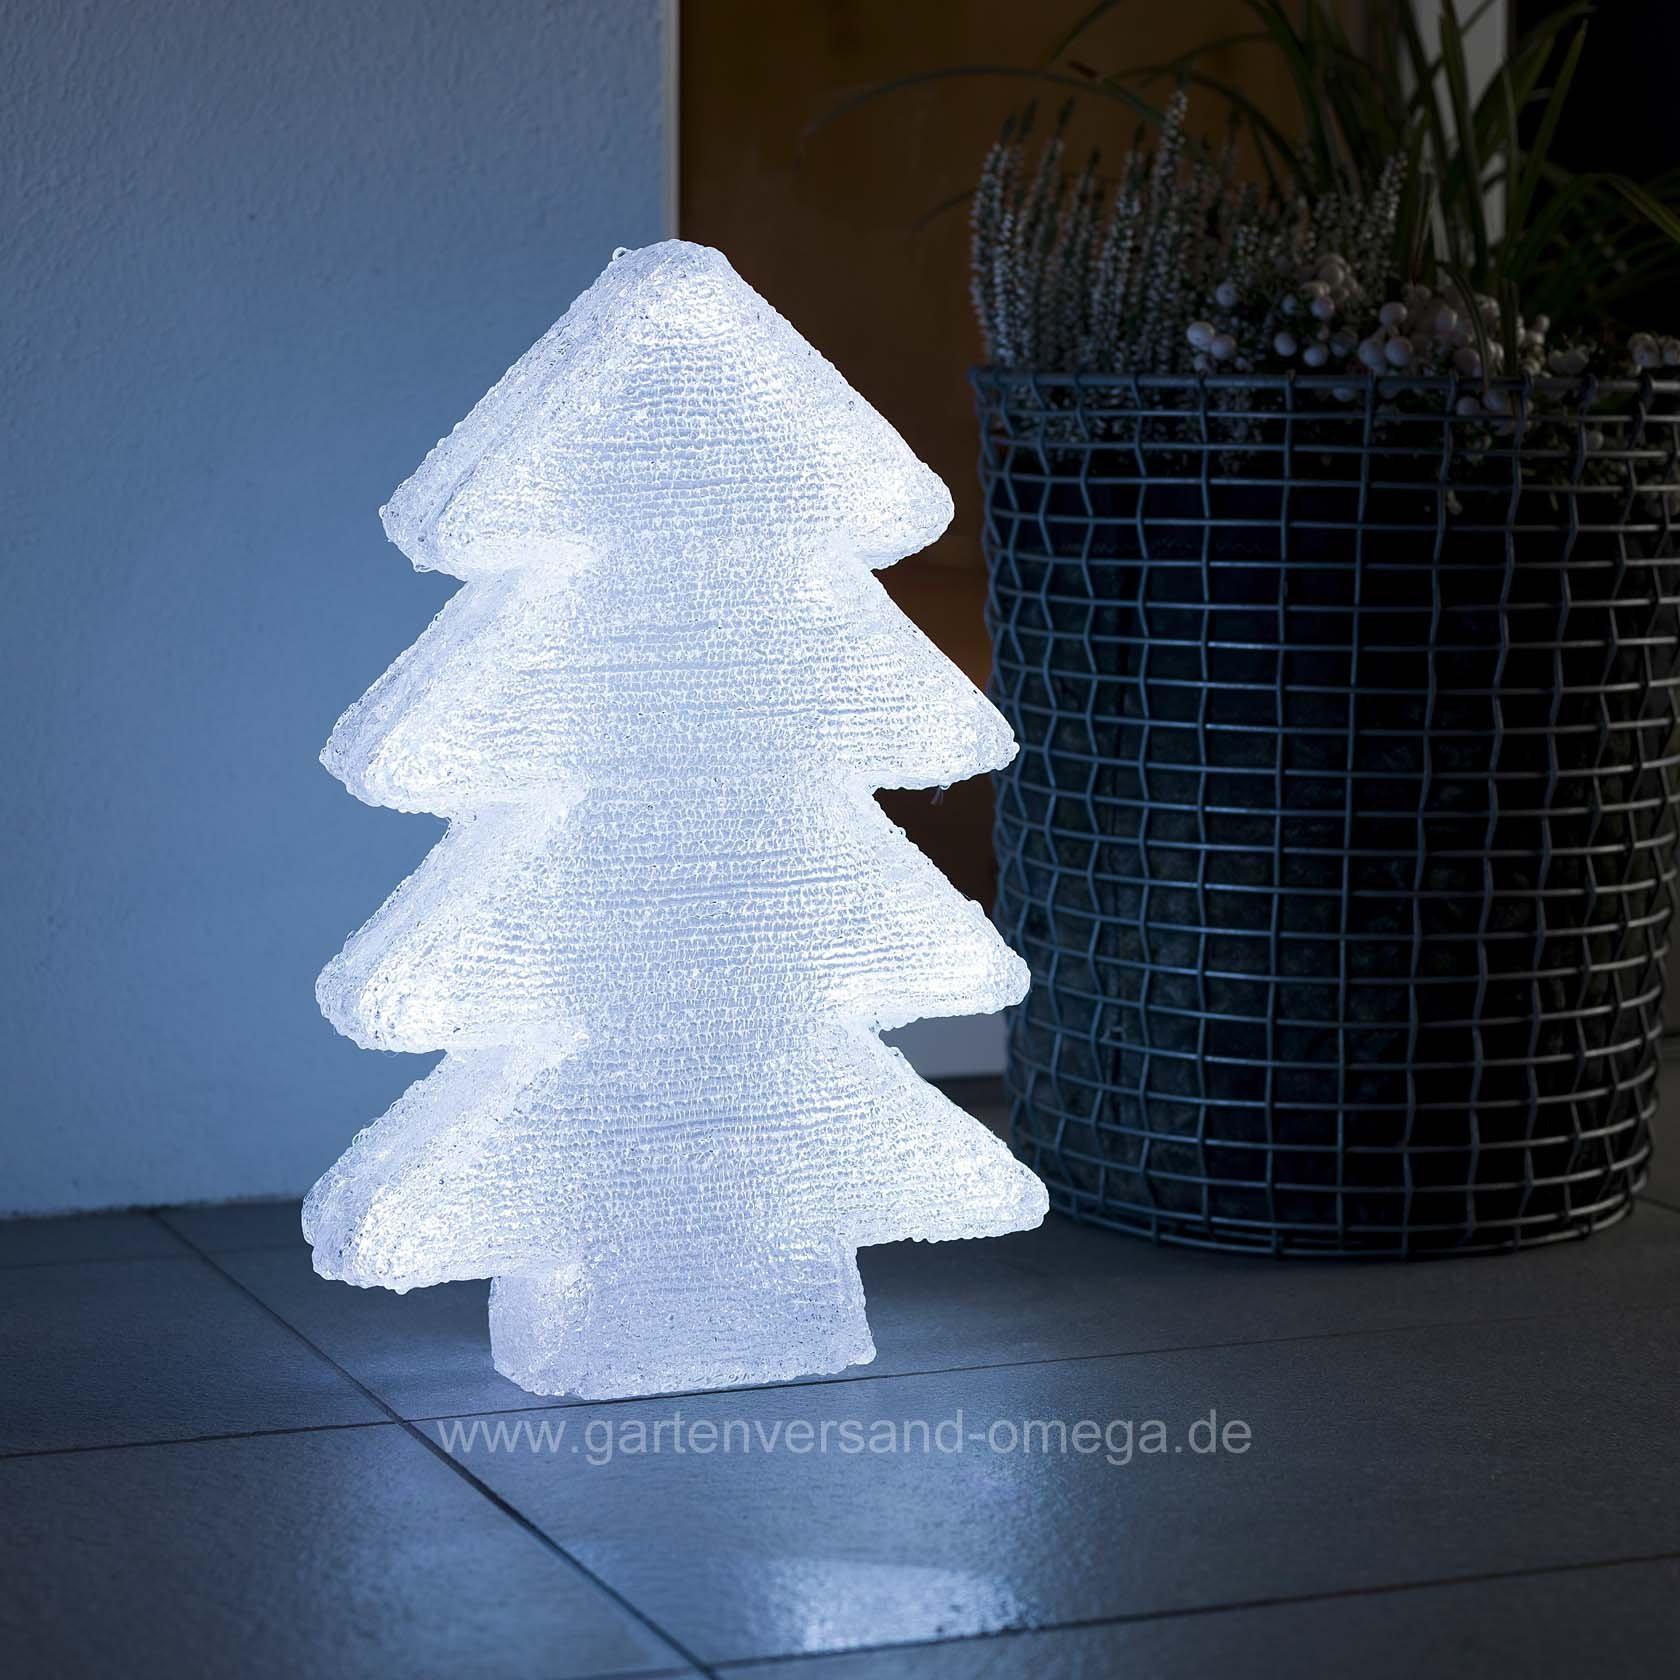 Weihnachtsbeleuchtung aussen figuren for Obi weihnachtsbeleuchtung